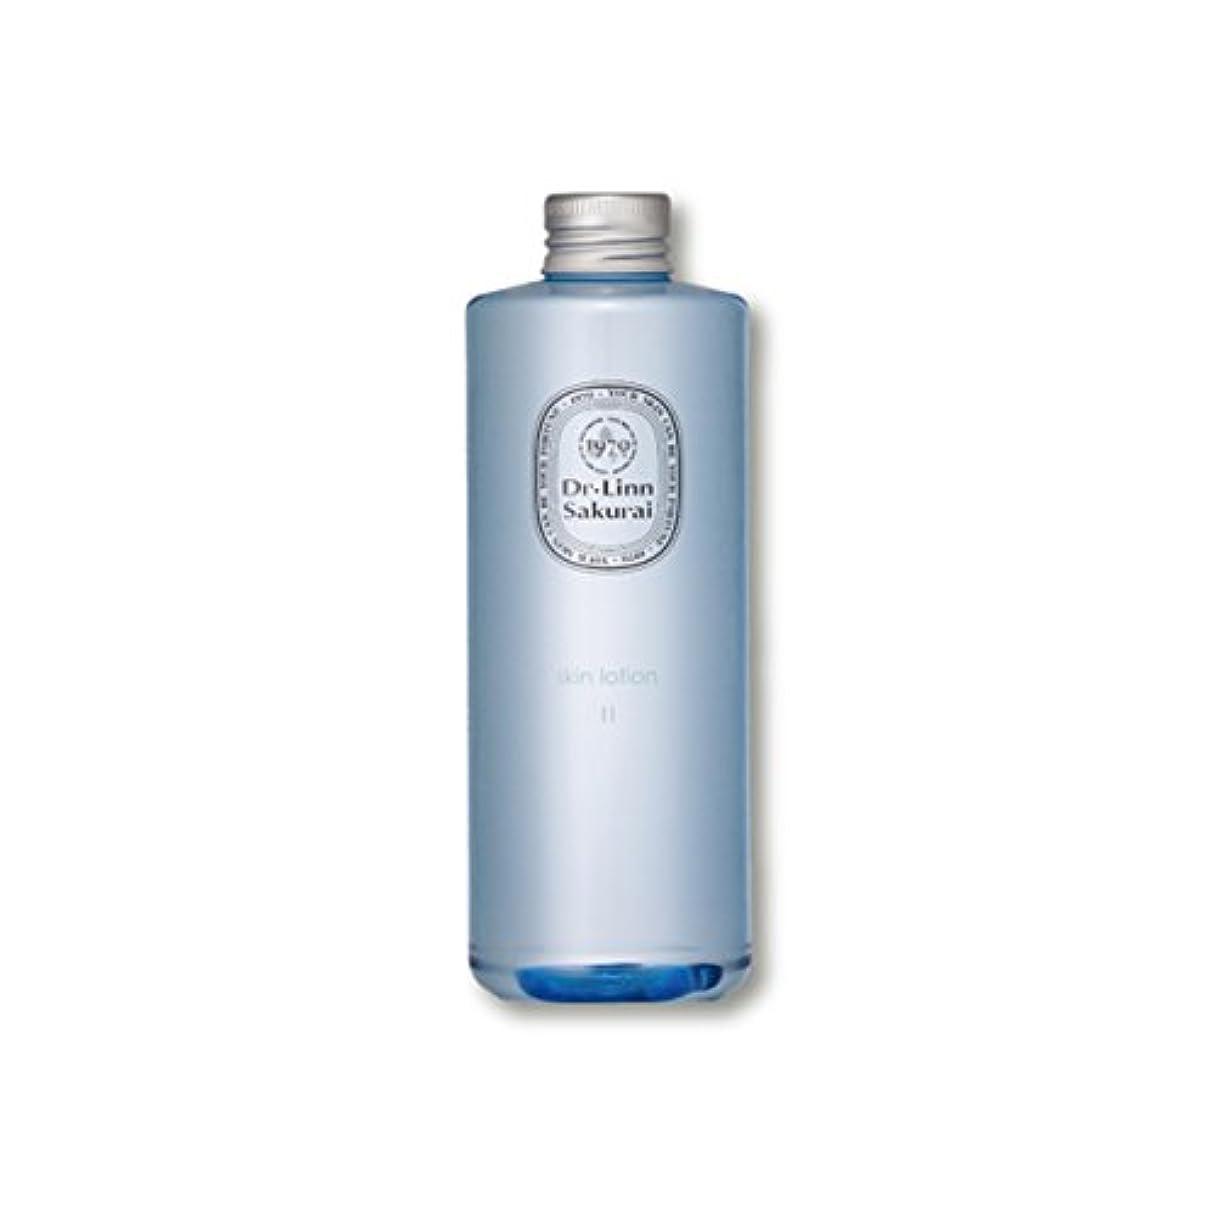 ノベルティダウン称賛ドクターリンサクライ スキンローションII しっとりタイプ 300ml  (化粧水)